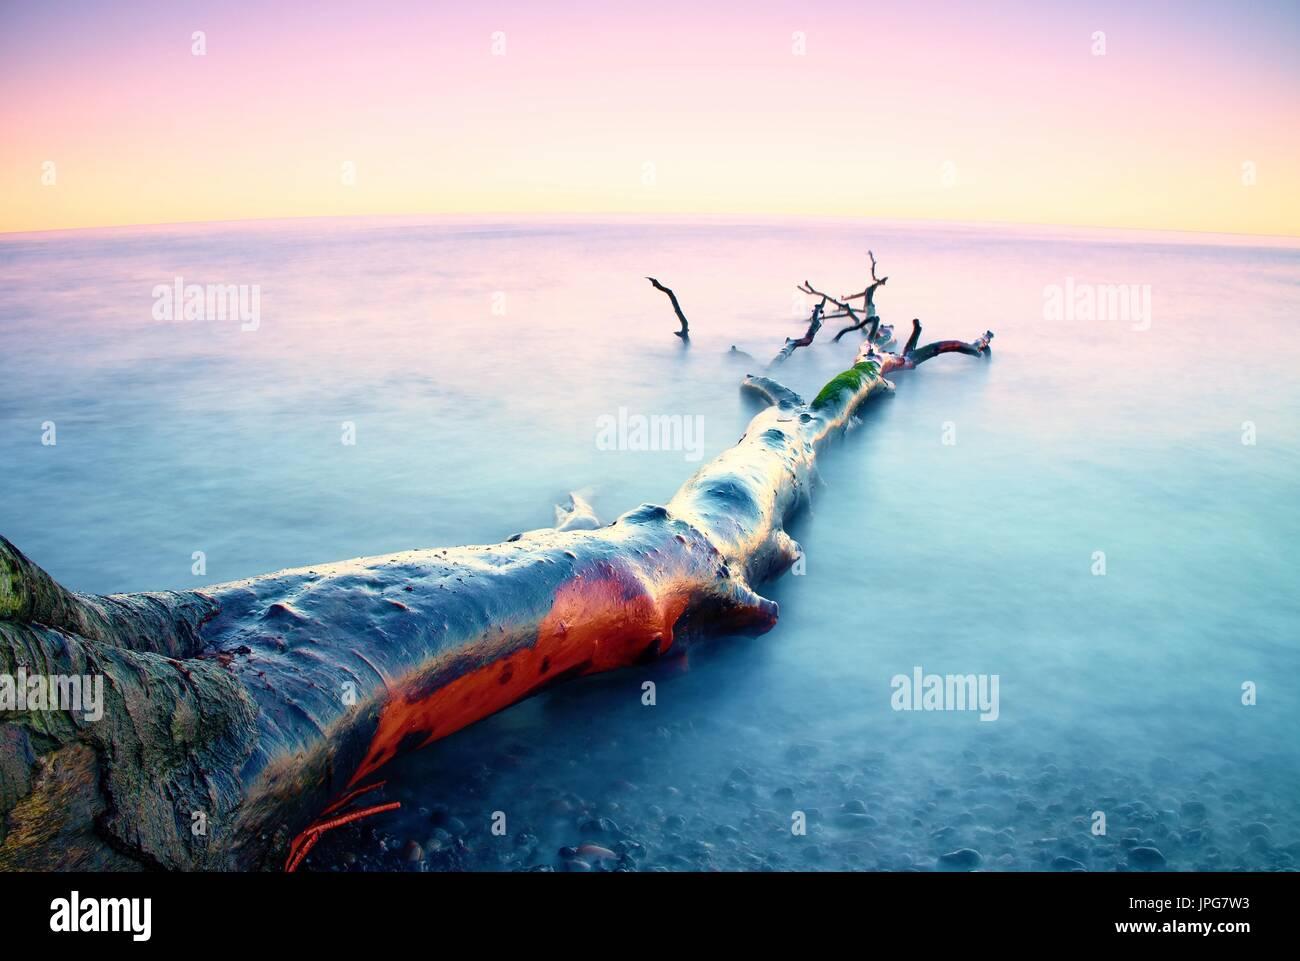 Romantico tramonto del tempo. Lonely albero caduto sul vuoto Costa sassosa. Rosa il cielo sopra la liscia smoky del livello dell'acqua. La morte albero con rami in acqua, nake Immagini Stock